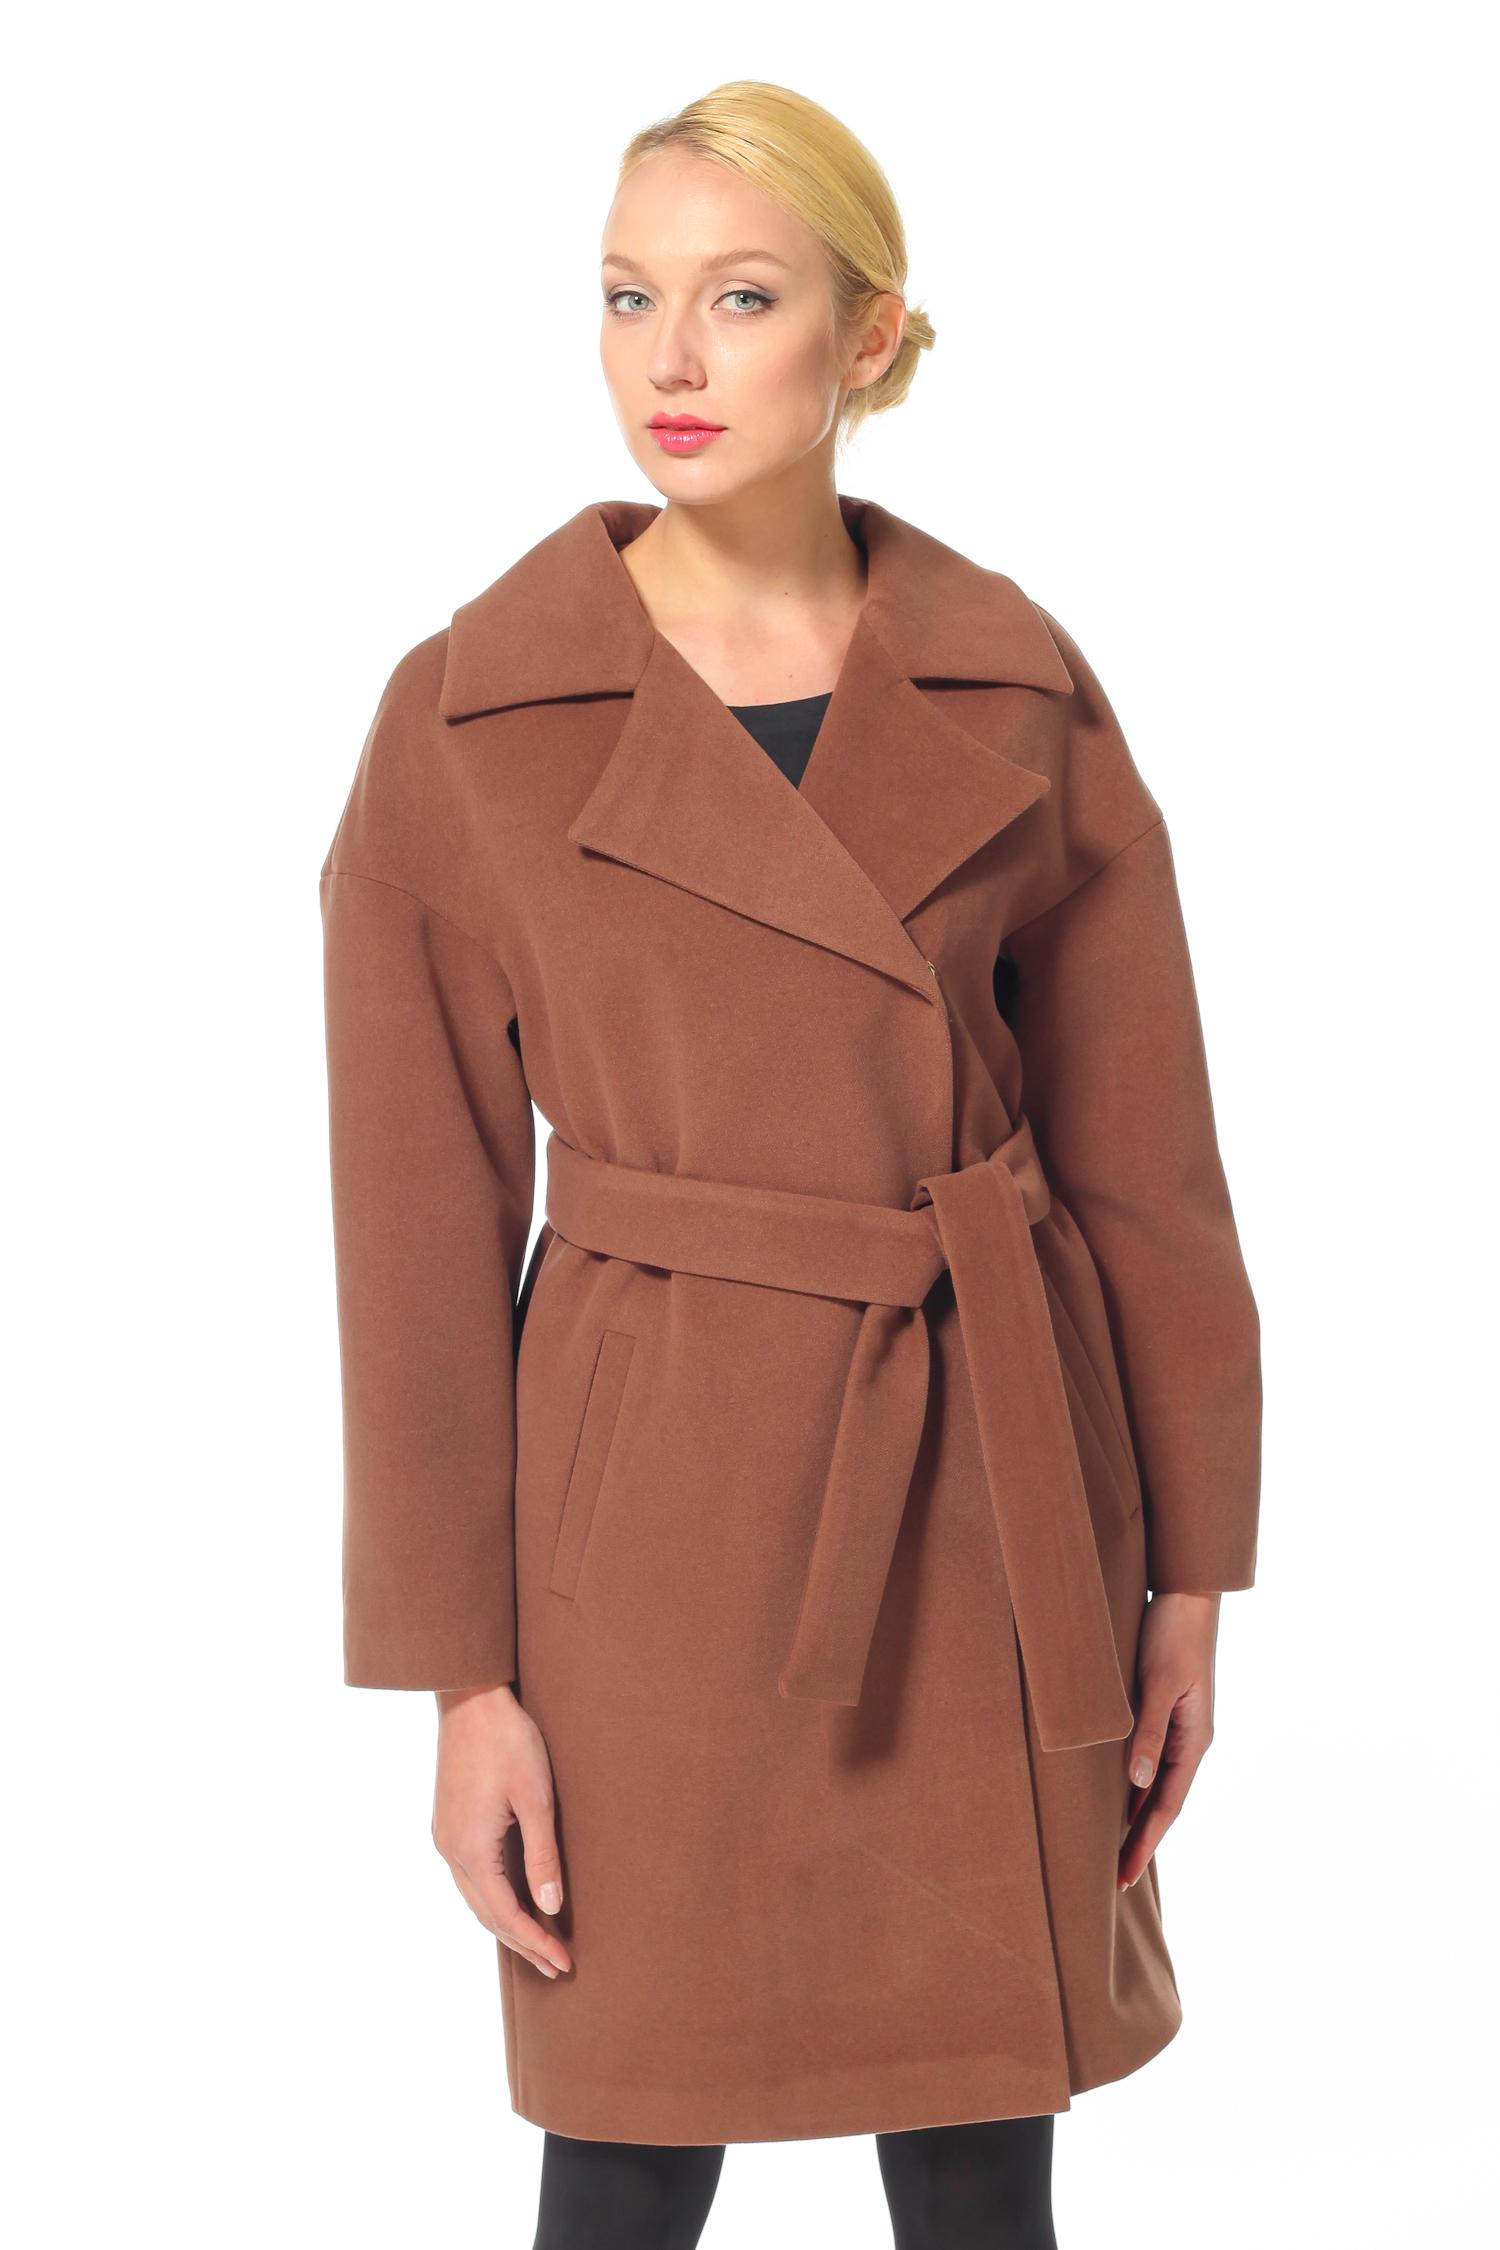 Женское пальто с воротником, без отделки<br><br>Воротник: Английский<br>Длина см: 95<br>Материал: 75% полиэстер 25% вискоза<br>Цвет: Коричневый<br>Пол: Женский